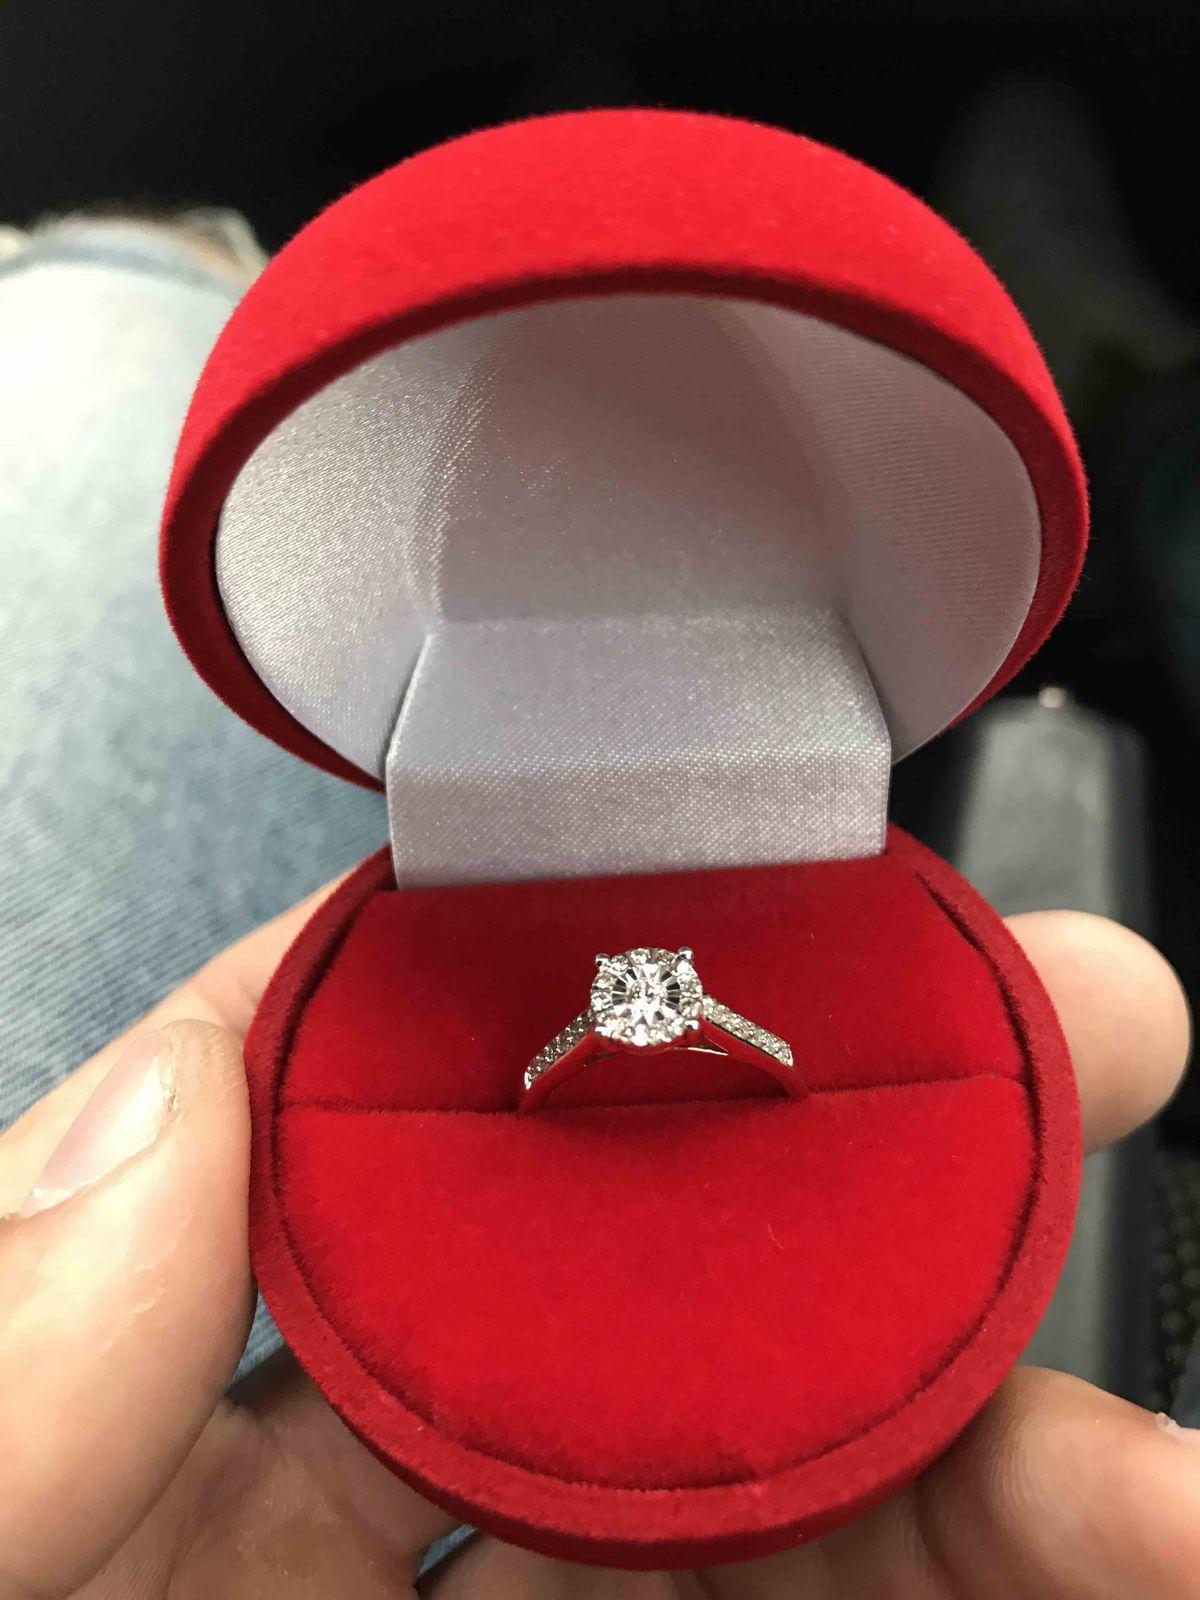 Приобрел кольцо для предложения девушке